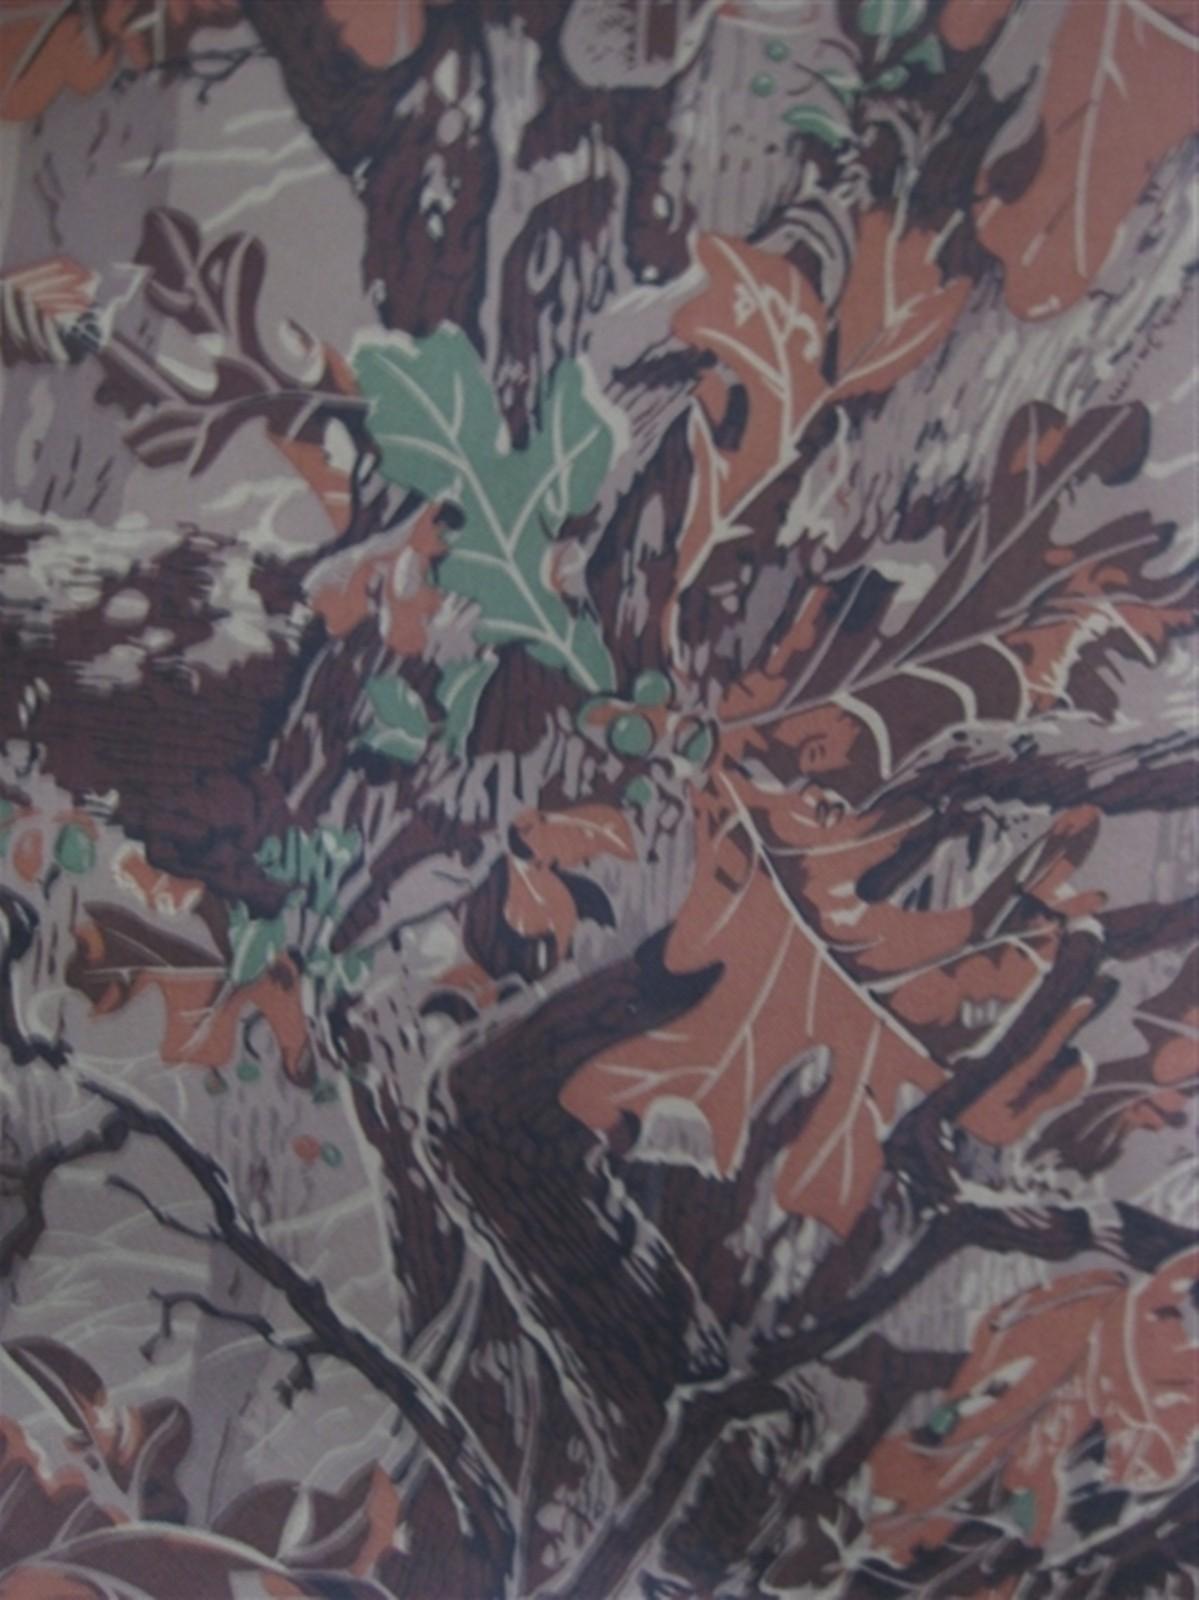 600D大树叶 大森林树叶花 牛津布涂层pvc图片五